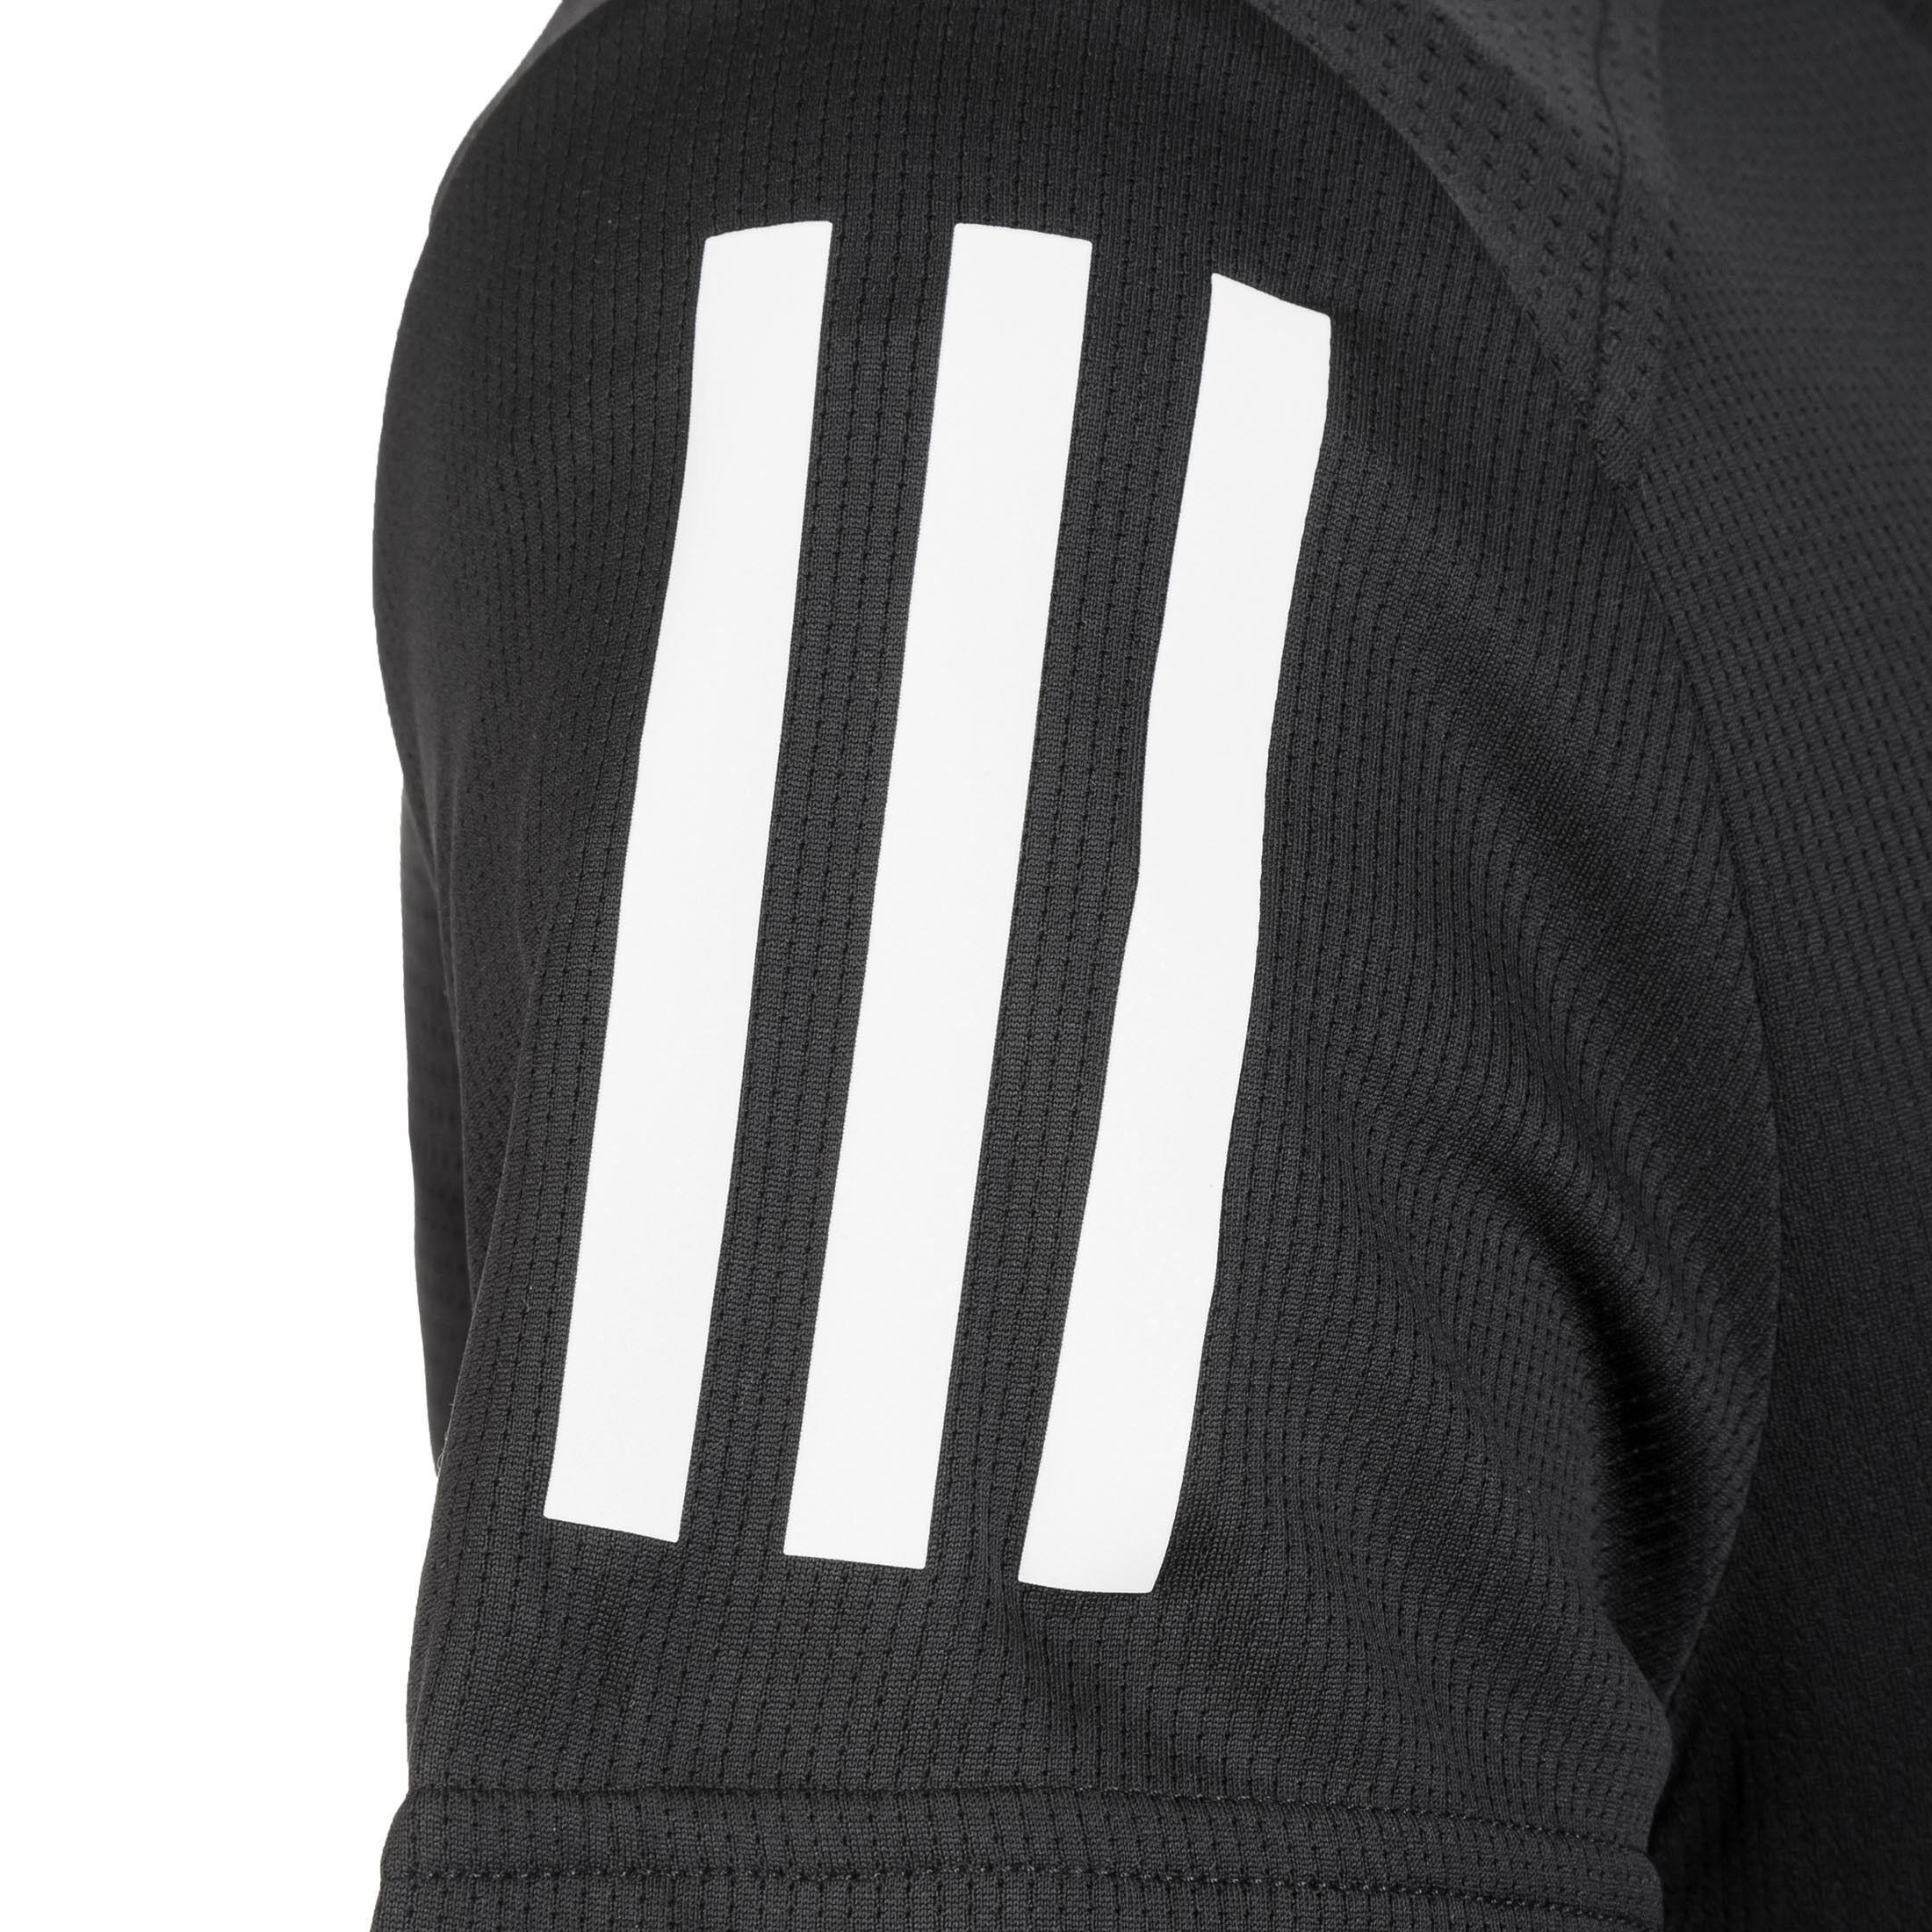 ADIDAS PERFORMANCE Laufpullover & sweater für Frauen online